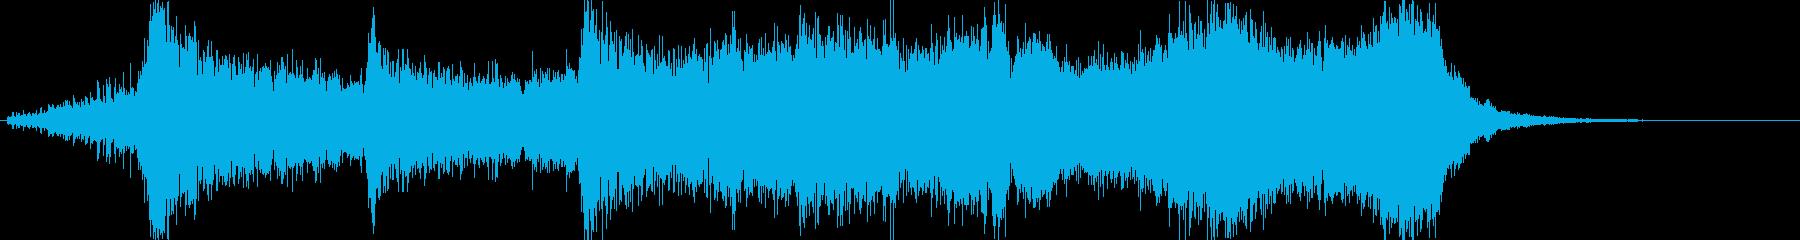 金管ファンファーレ 開会などの再生済みの波形